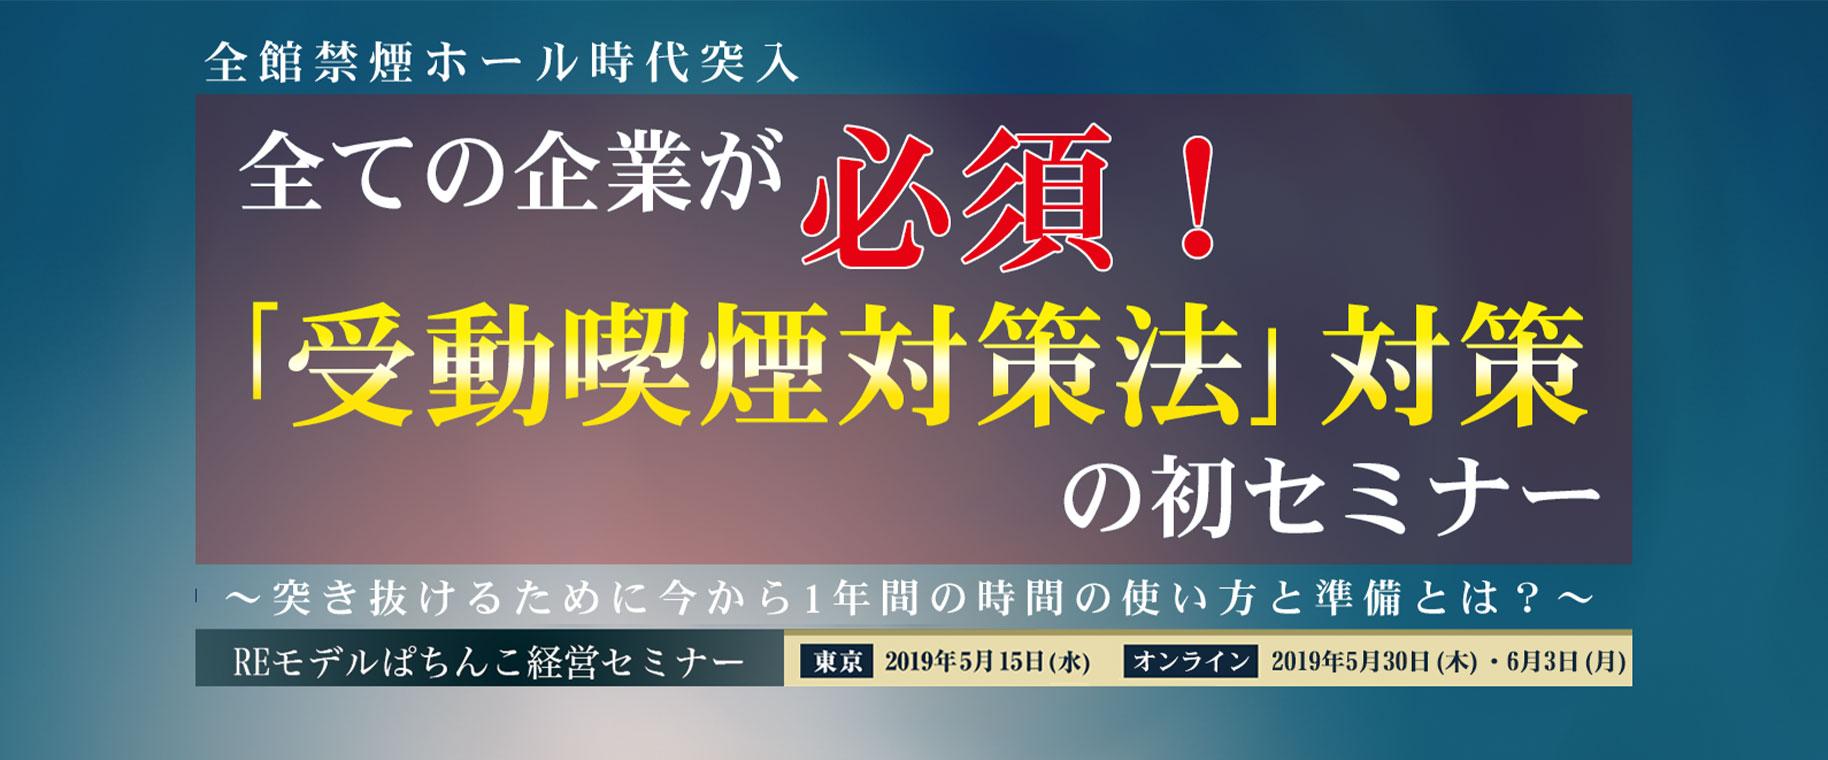 REモデルぱちんこ経営セミナー